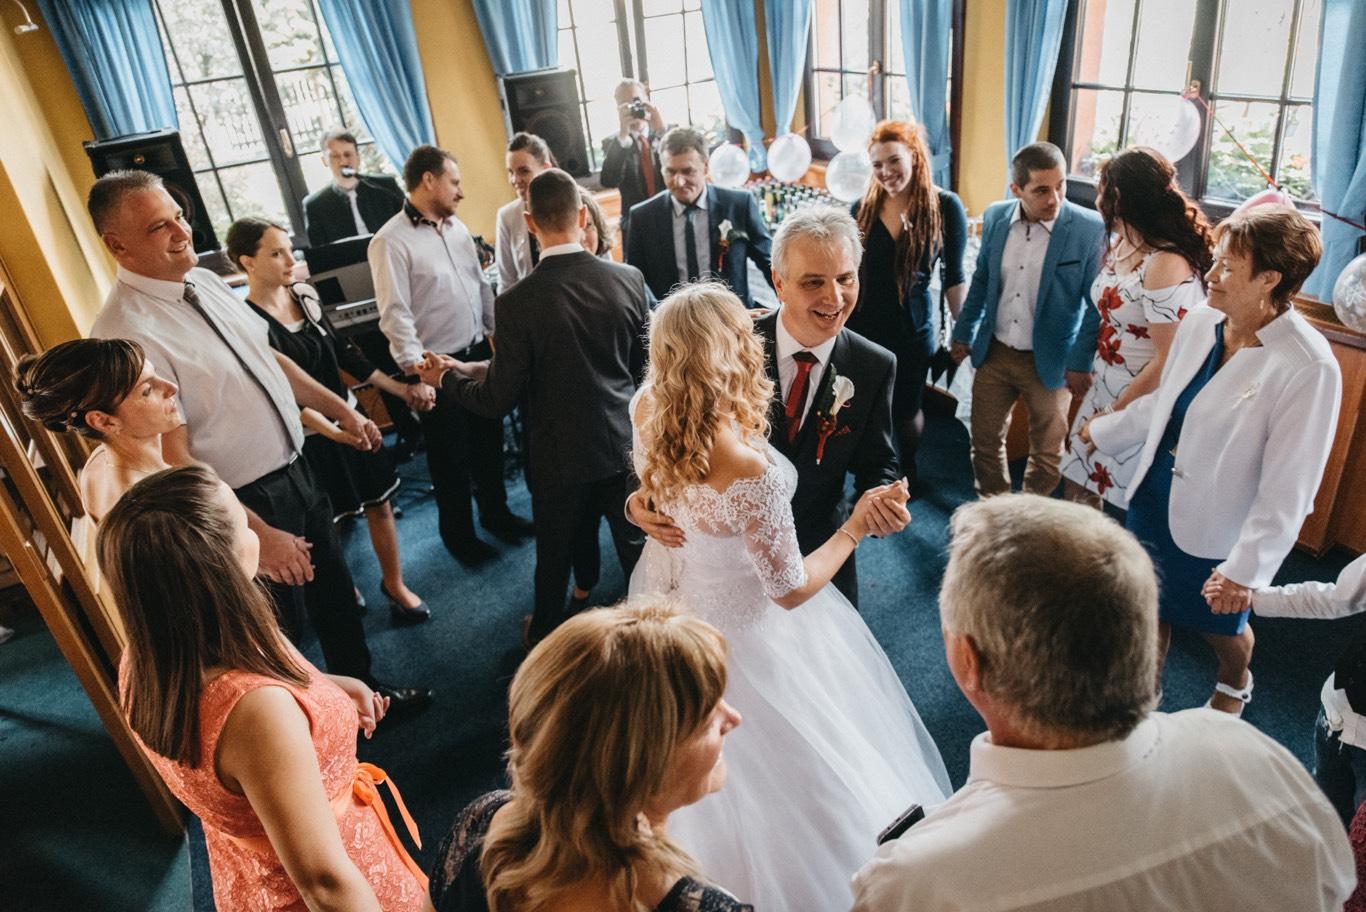 Tanec s otcem na svatbě